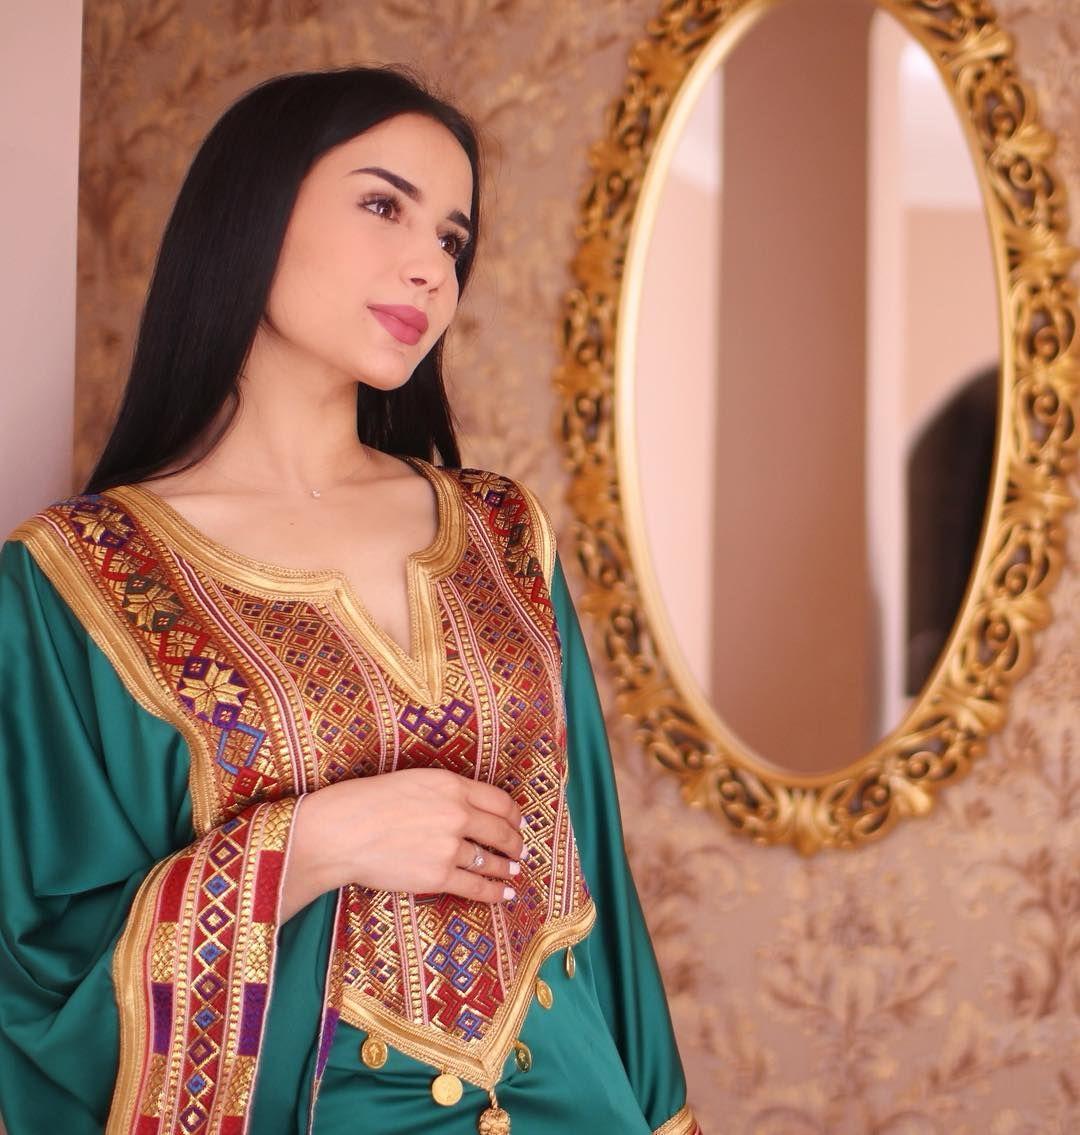 جبة تونسية Robe D Interieur Habit Traditionnel Tunisien